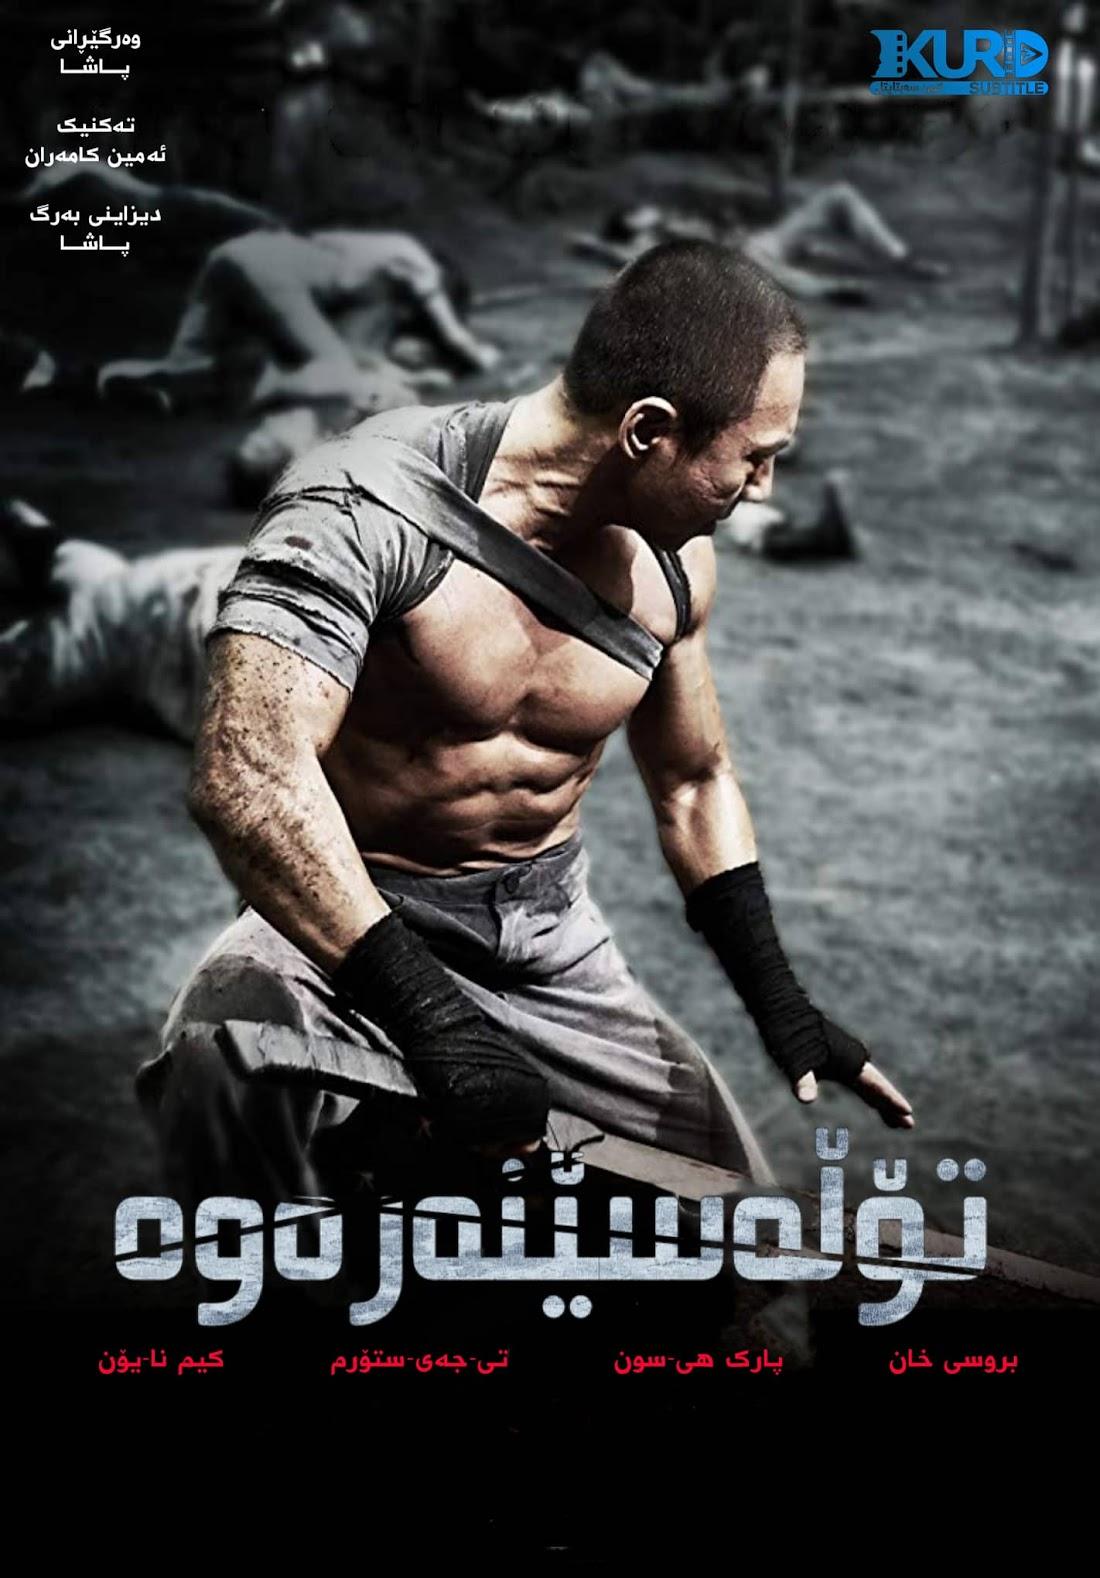 Revenger kurdish poster